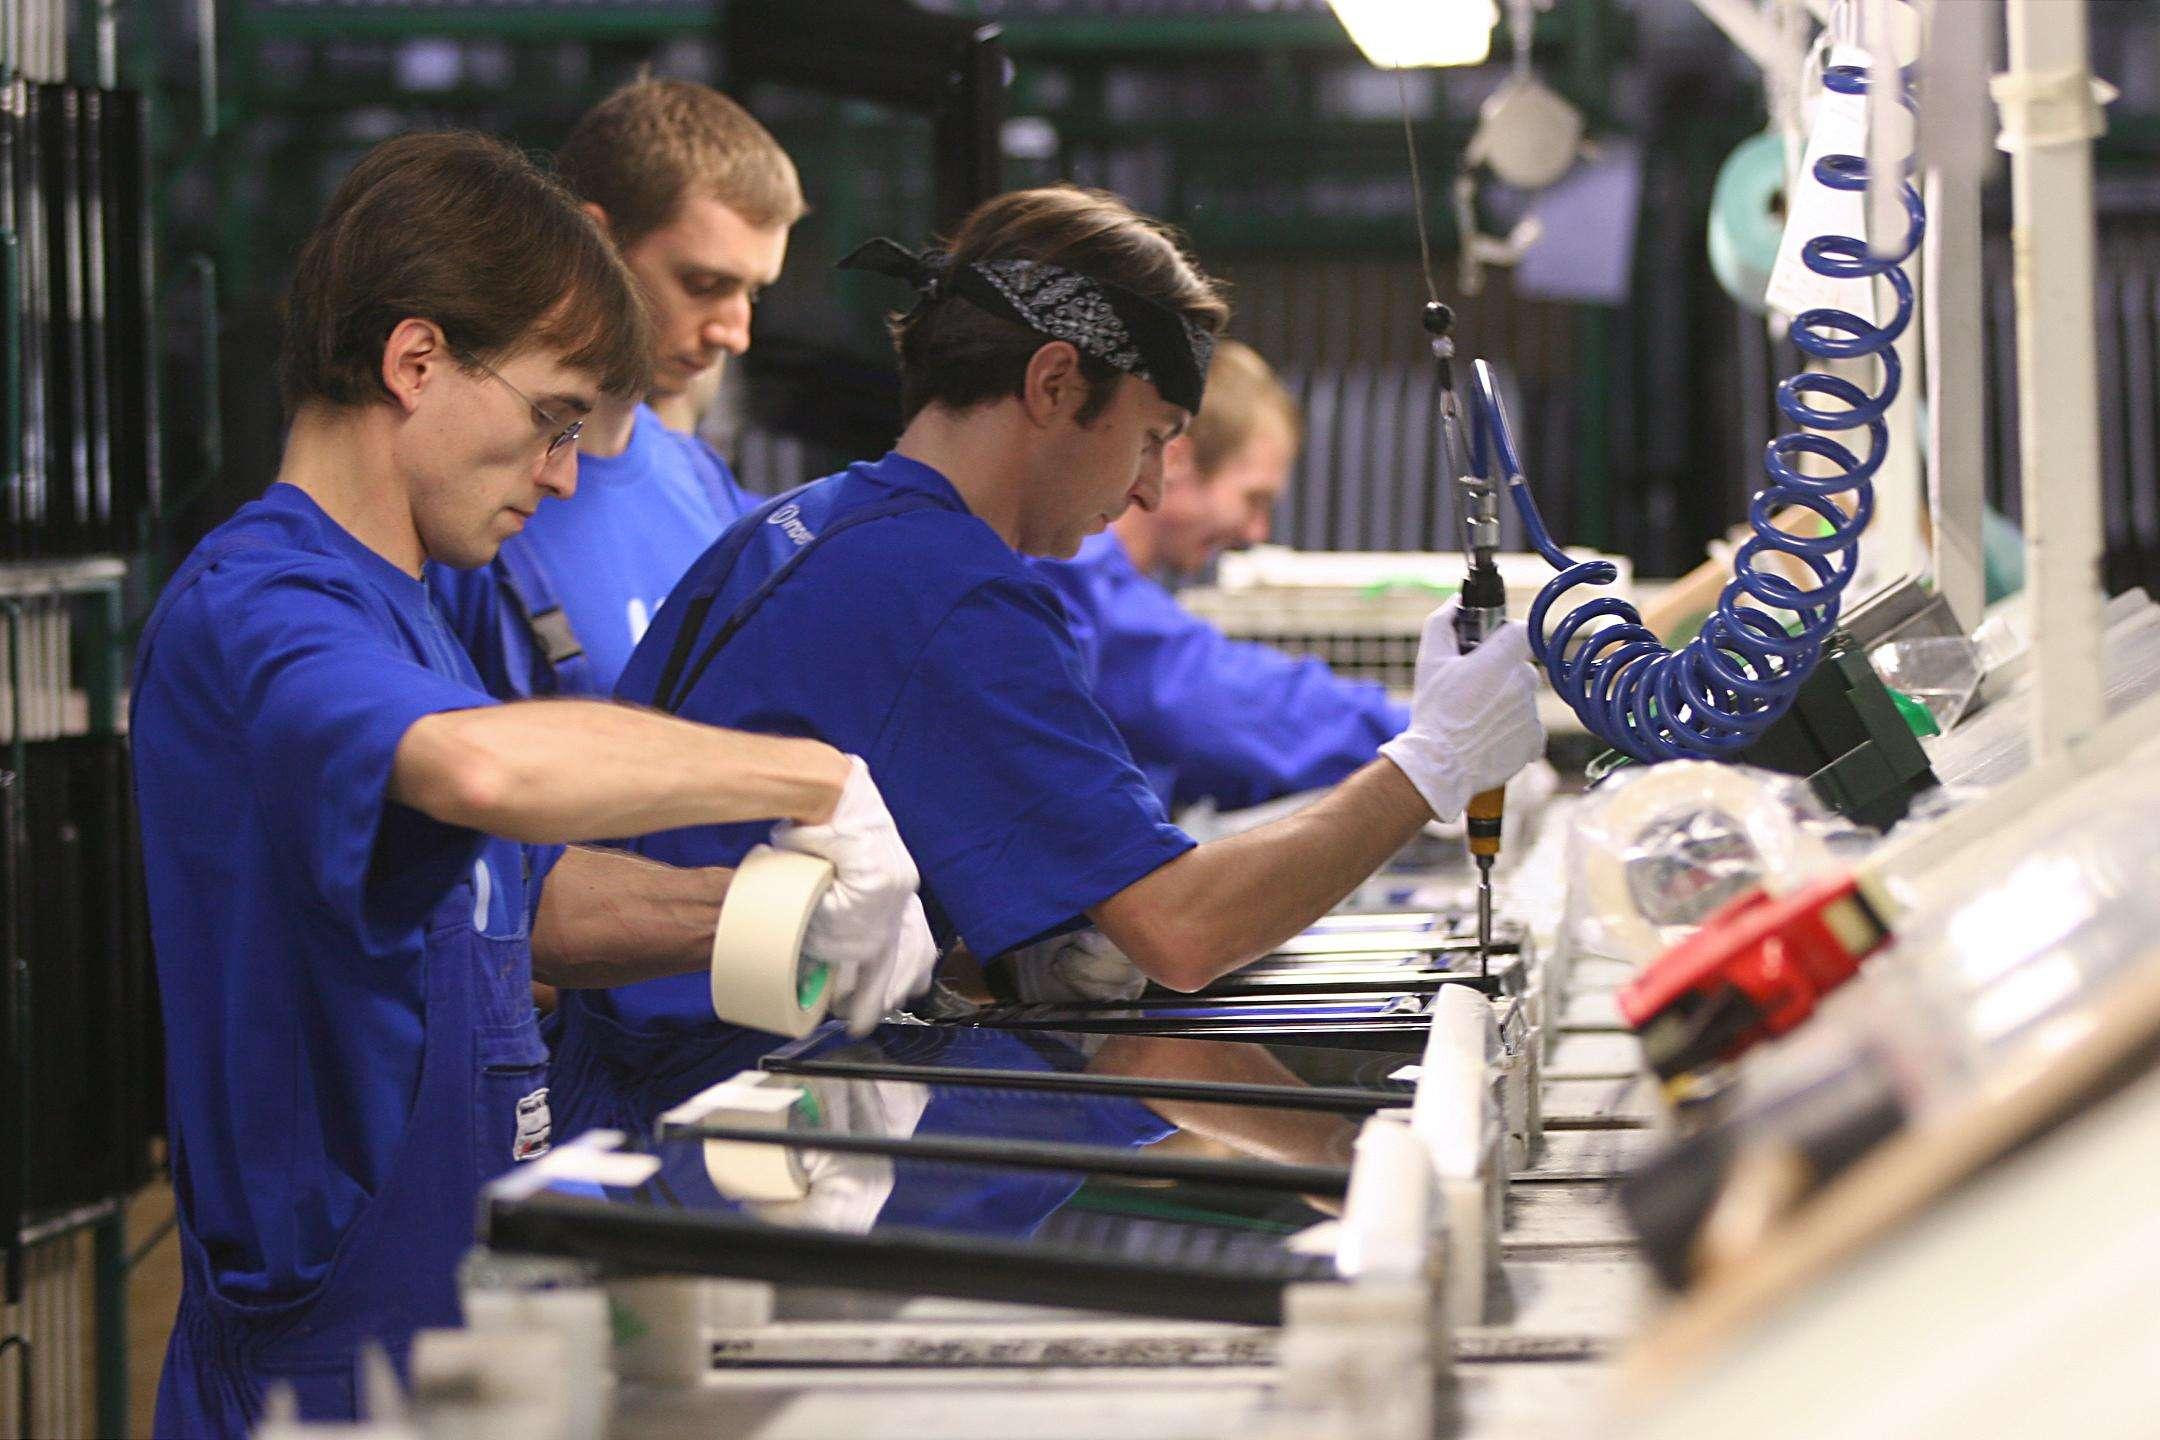 Για δράσεις βιομηχανικής έρευνας, το ποσοστό της ενίσχυσης μπορεί να ανέλθει στο 60% για τις μεσαίες και στο 70% για τις μικρές επιχειρήσεις.